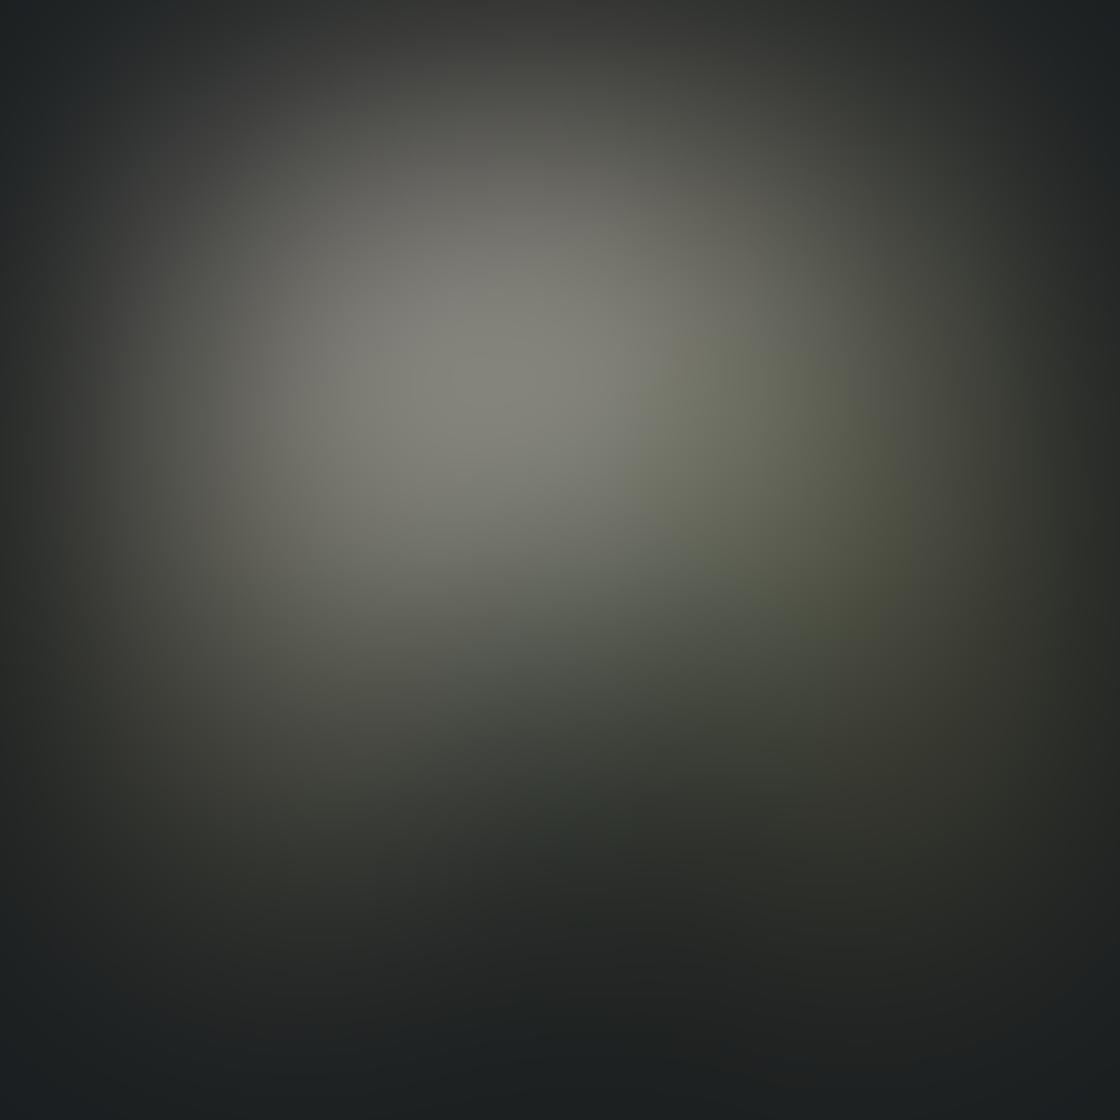 iPhone Photos Low Light 5